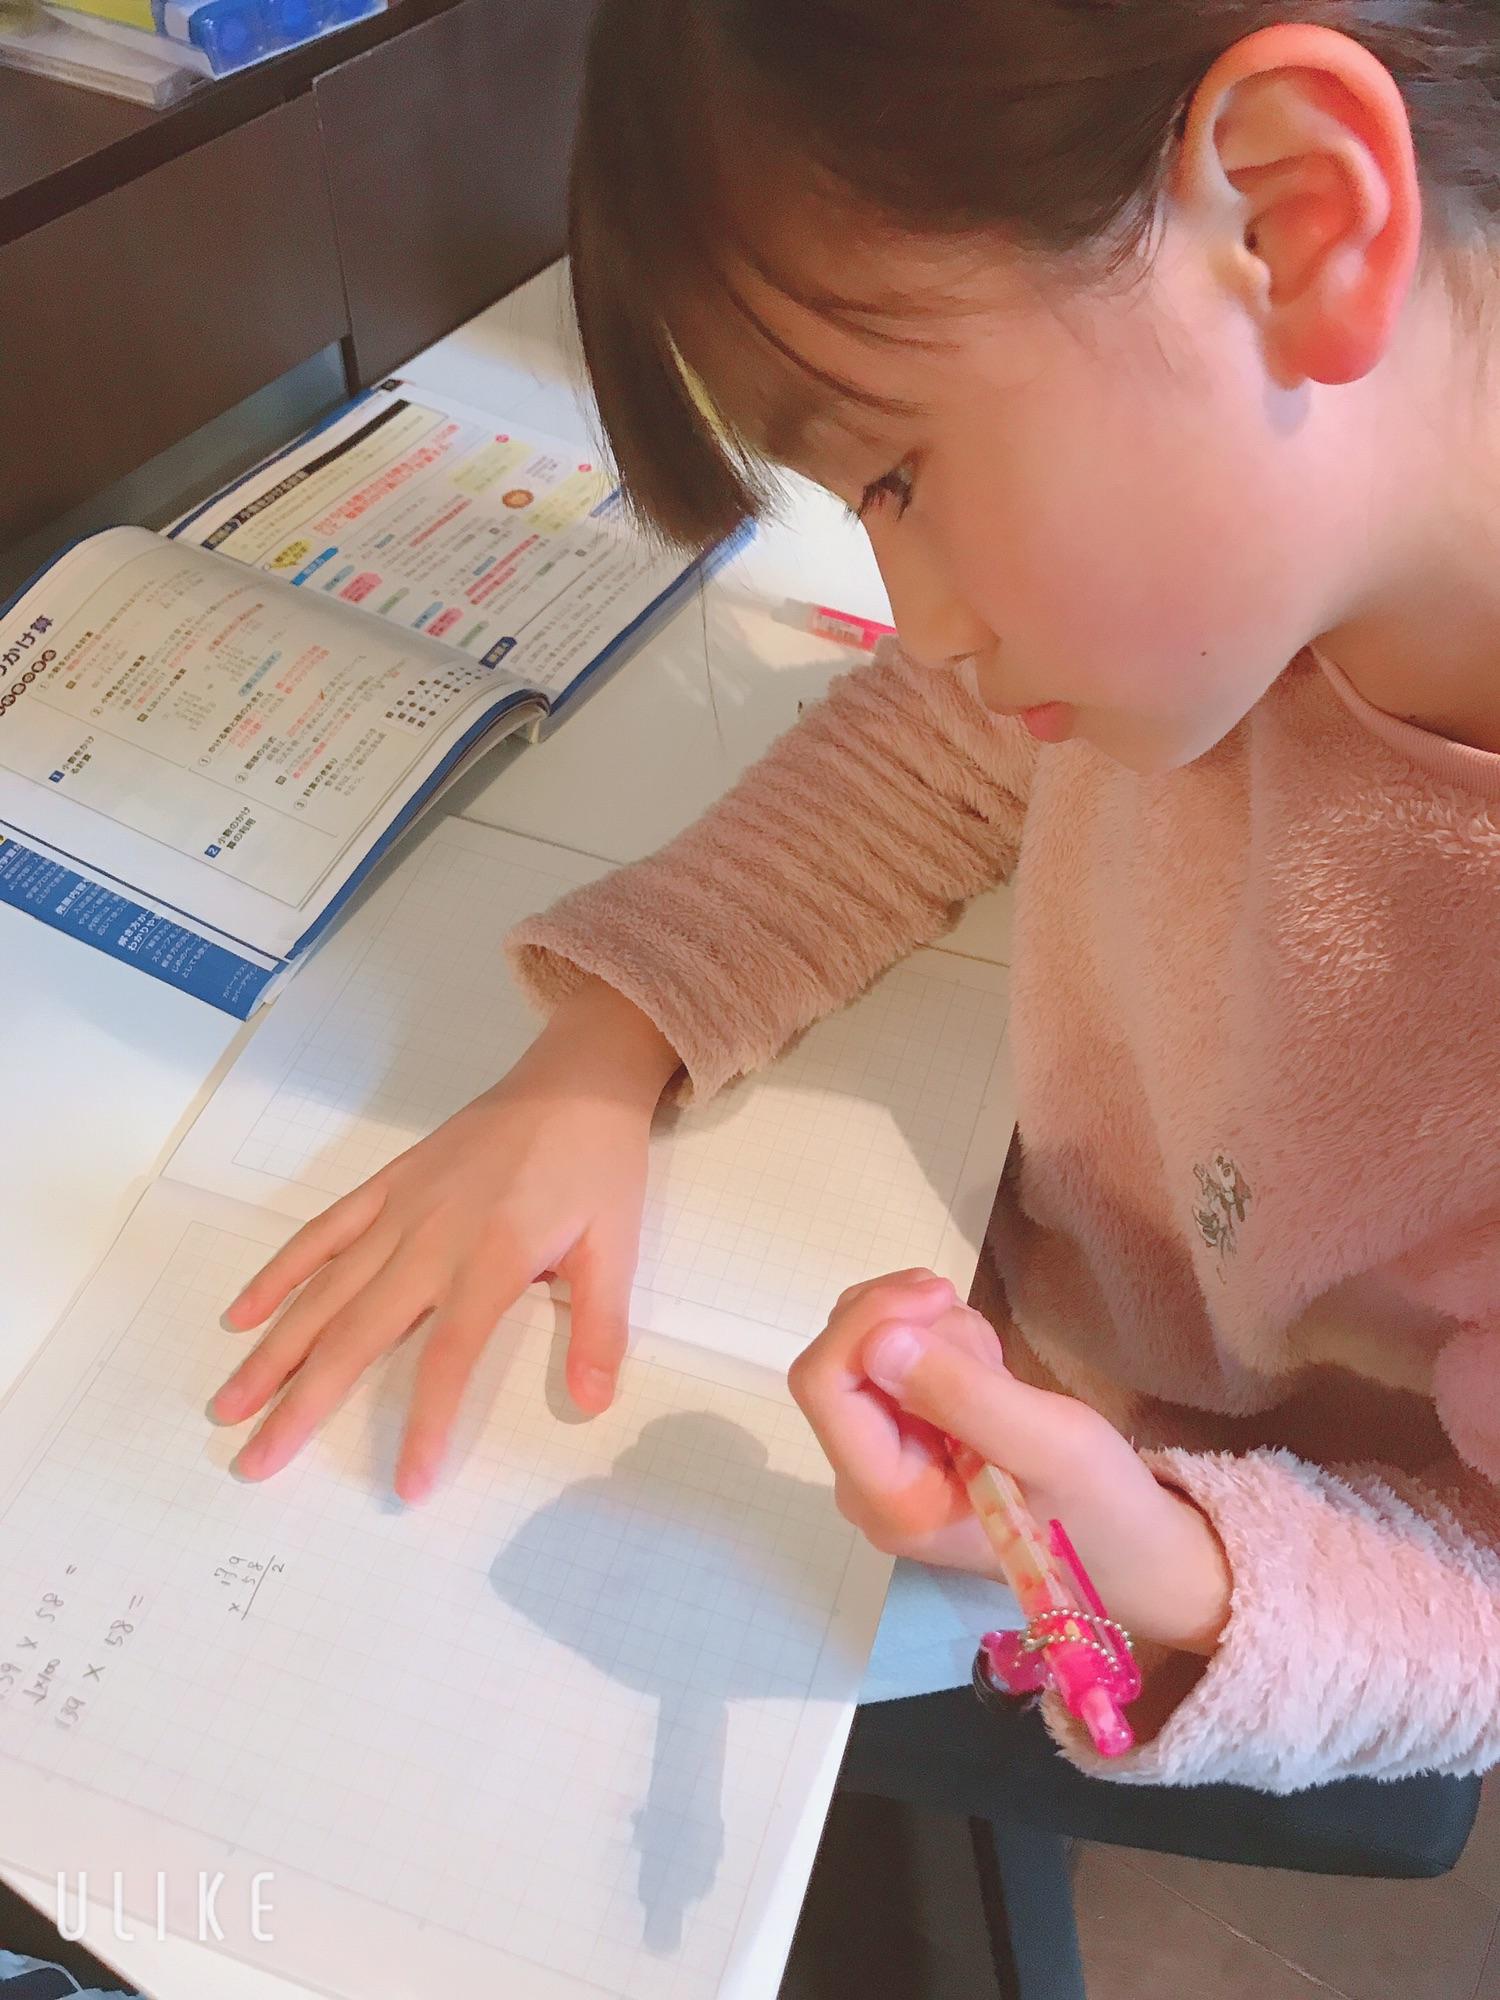 【画像】宿題をしてる女子小学生が可愛い  [309927646]->画像>31枚